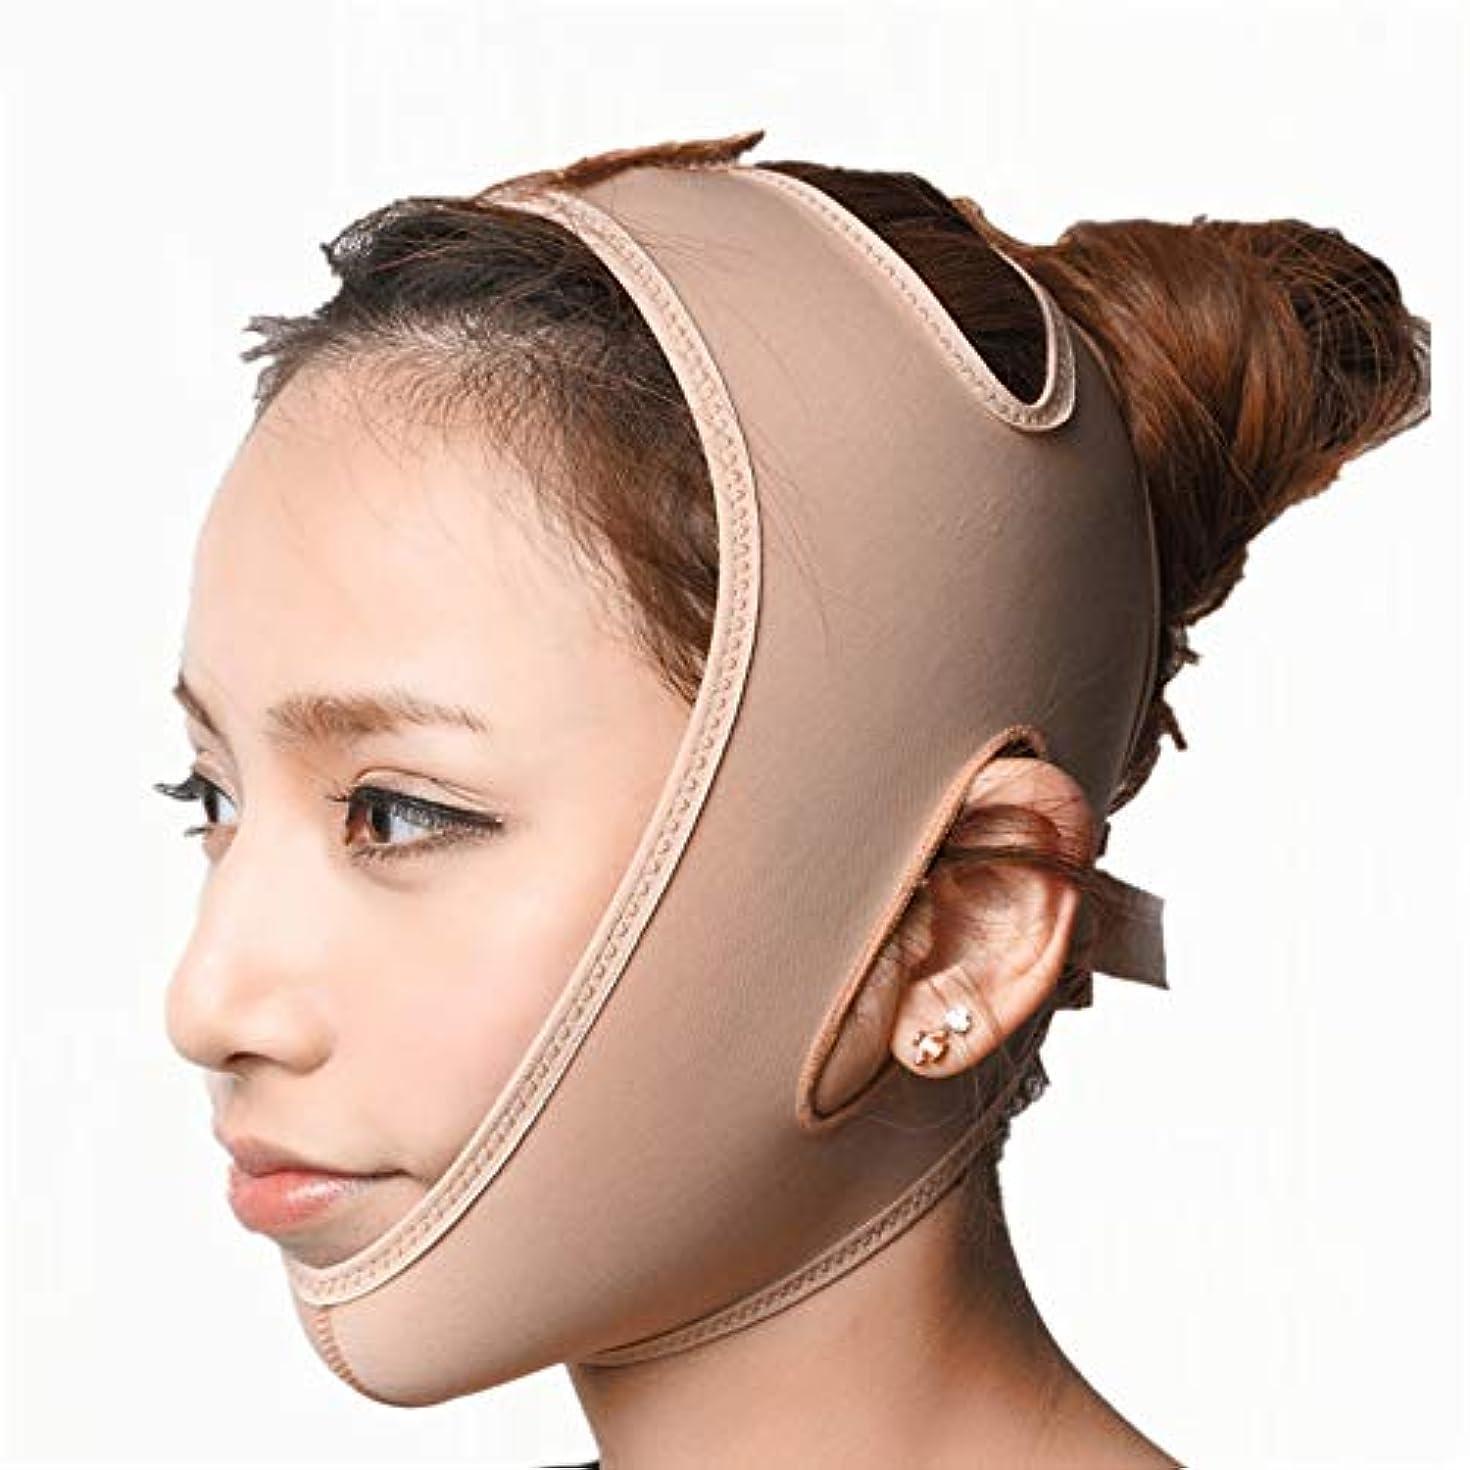 役立つ関係ない誓う薄い顔のベルト - 薄い顔のアーチファクトVの顔の包帯マスクの顔のマッサージャー薄いダブルの顎のデバイス 美しさ